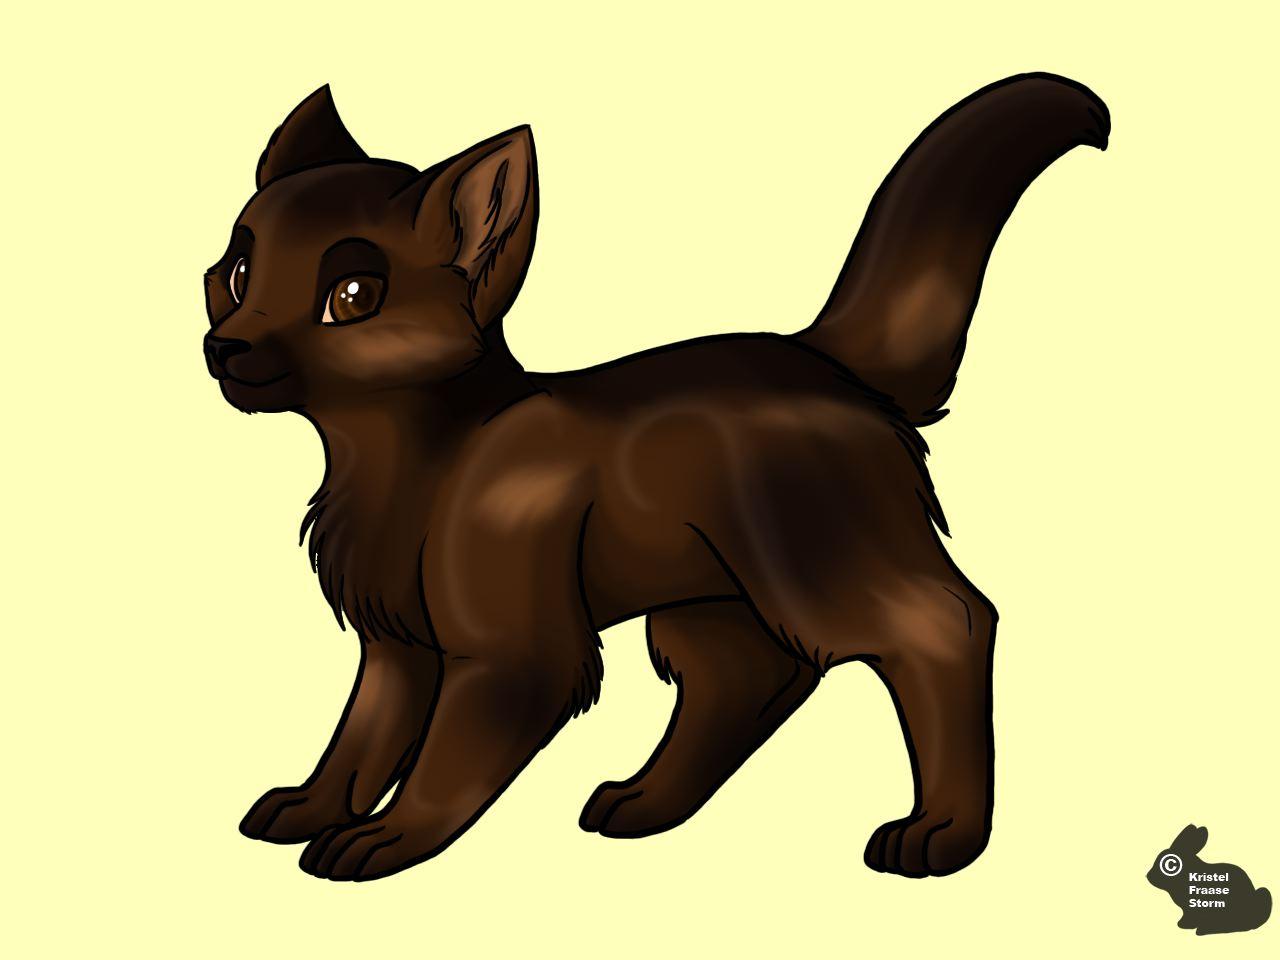 http://fc27.deviantart.com/fs17/f/2007/209/2/f/Dark_Kitty_by_Avanii.jpg